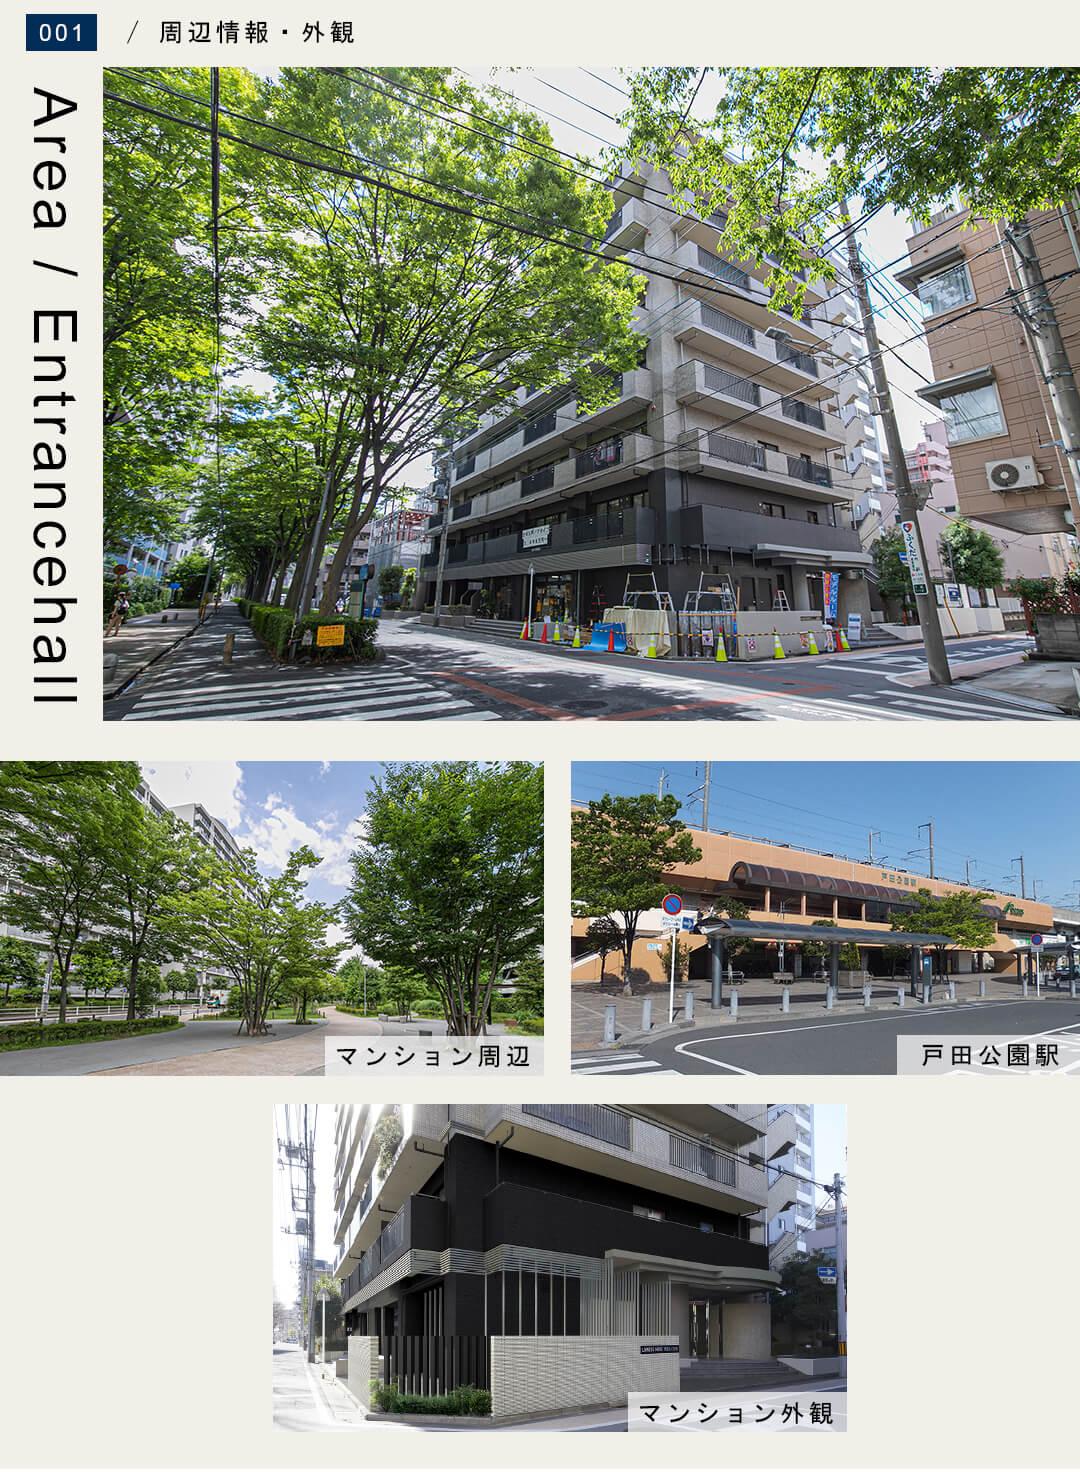 リブネスモア戸田公園206の外観と周辺情報